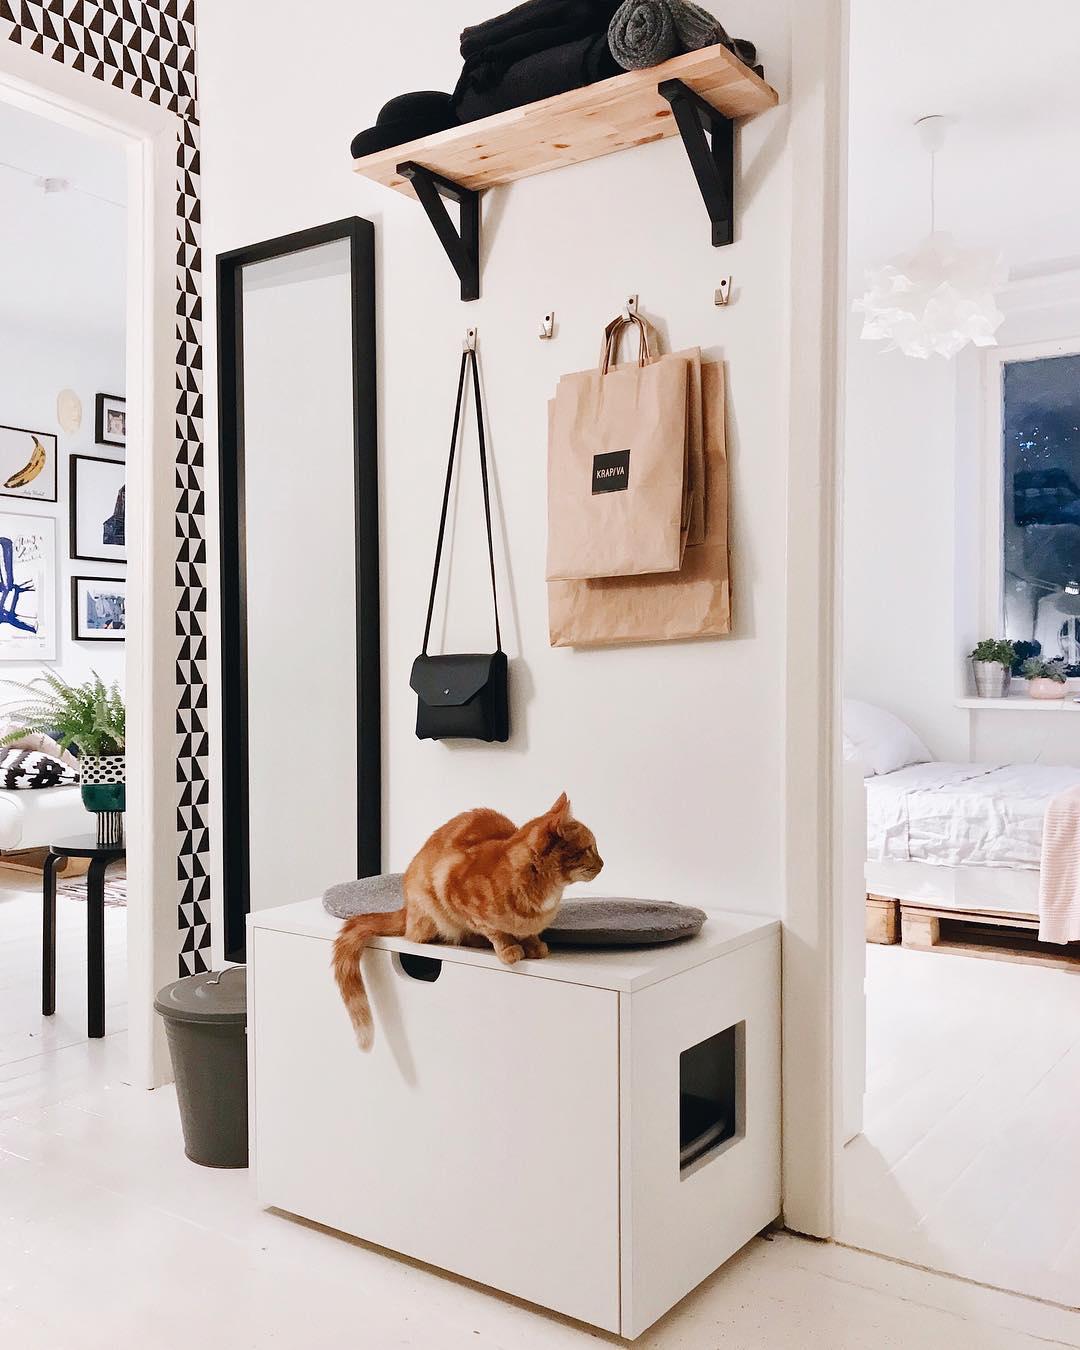 26 реальных фото мебель Икеа в интерьере прихожей